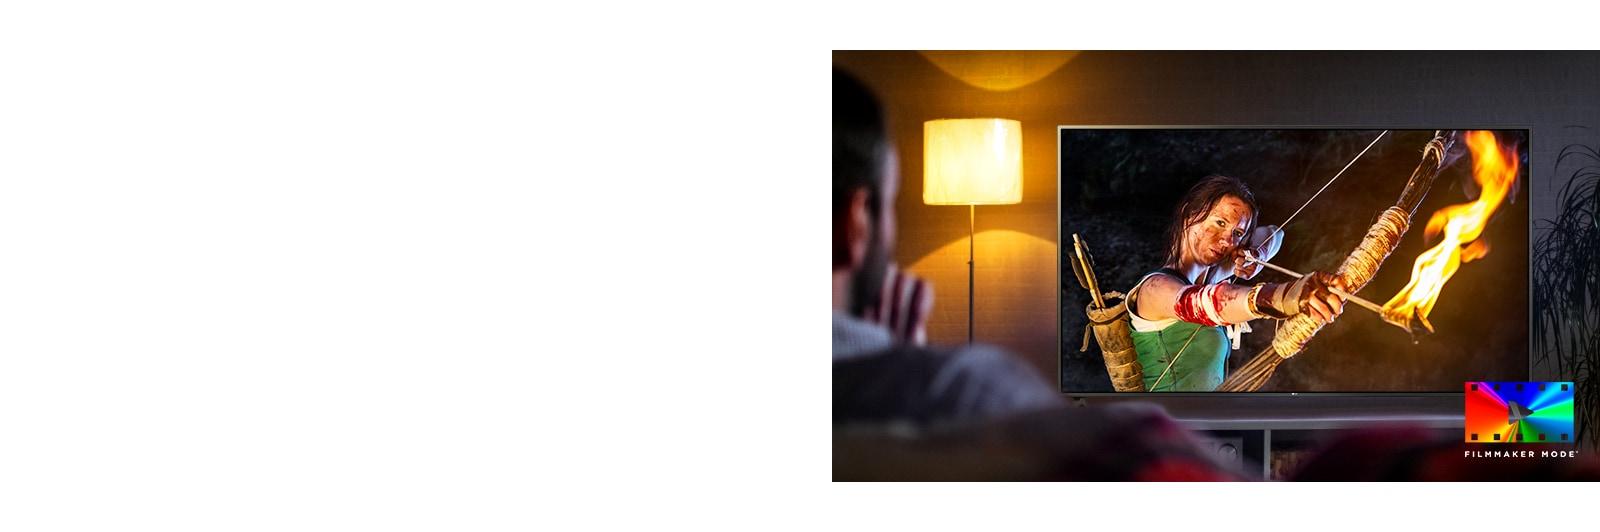 Čovjek koji sjedi na kauču i gleda akcijski film. Djevojka na televizoru ima potpuno nategnut luk i strijelu.